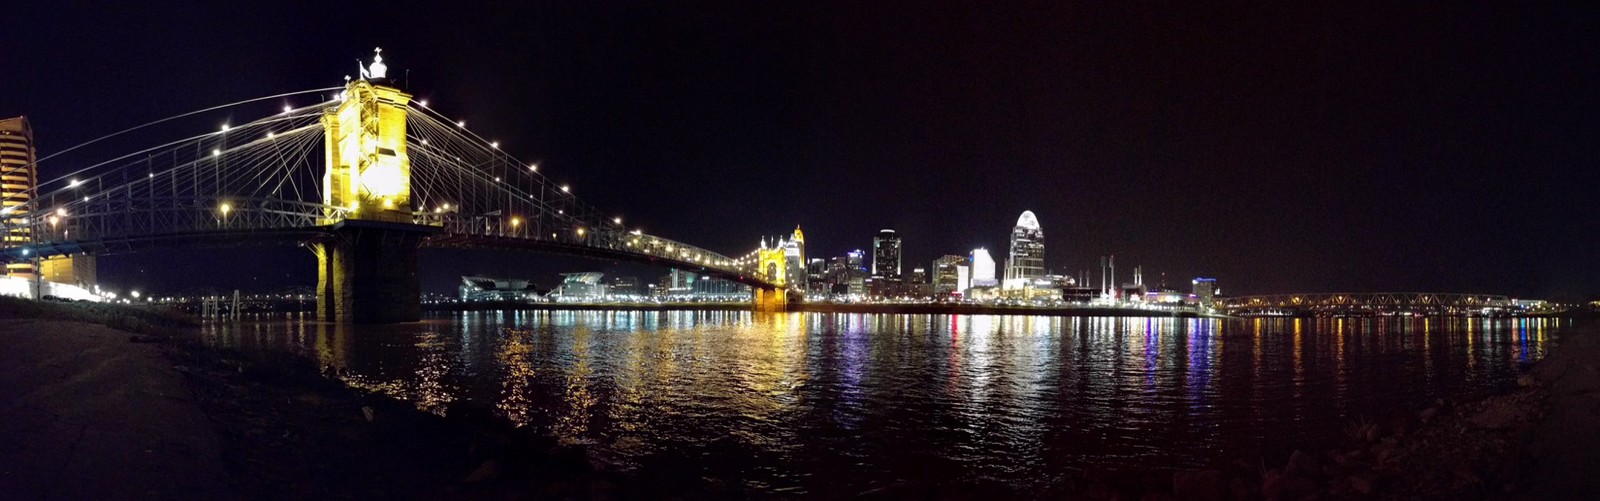 Ночная панорама - Huawei Nexus 6P